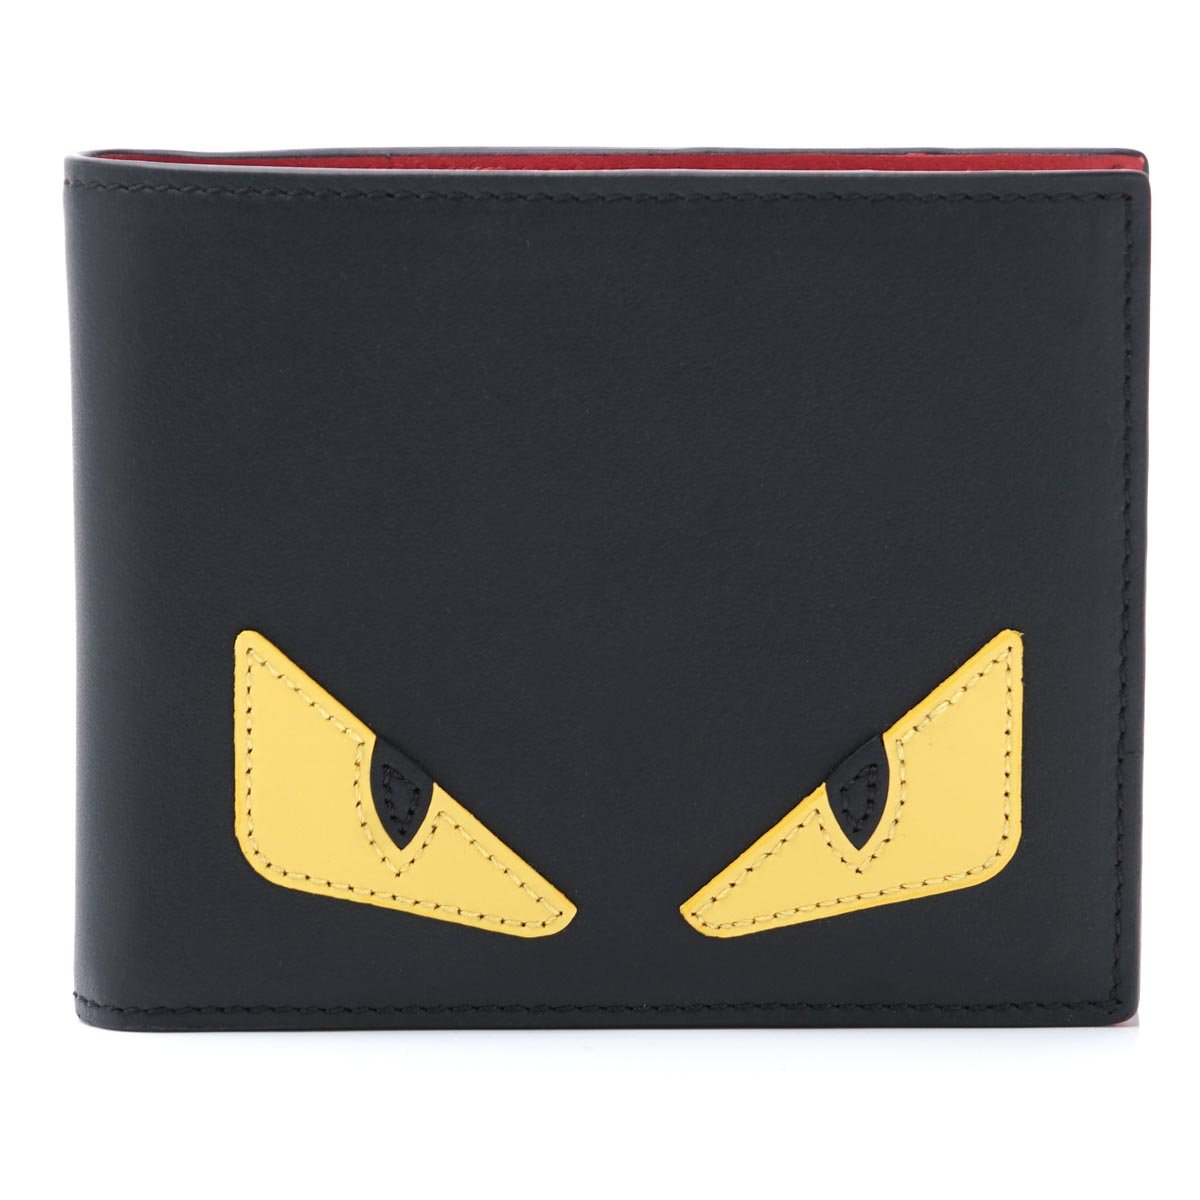 (フェンディ) FENDI 二つ折り 財布 小銭入れ付き BUGS EYES バグズアイ [並行輸入品] B07576TSZJ